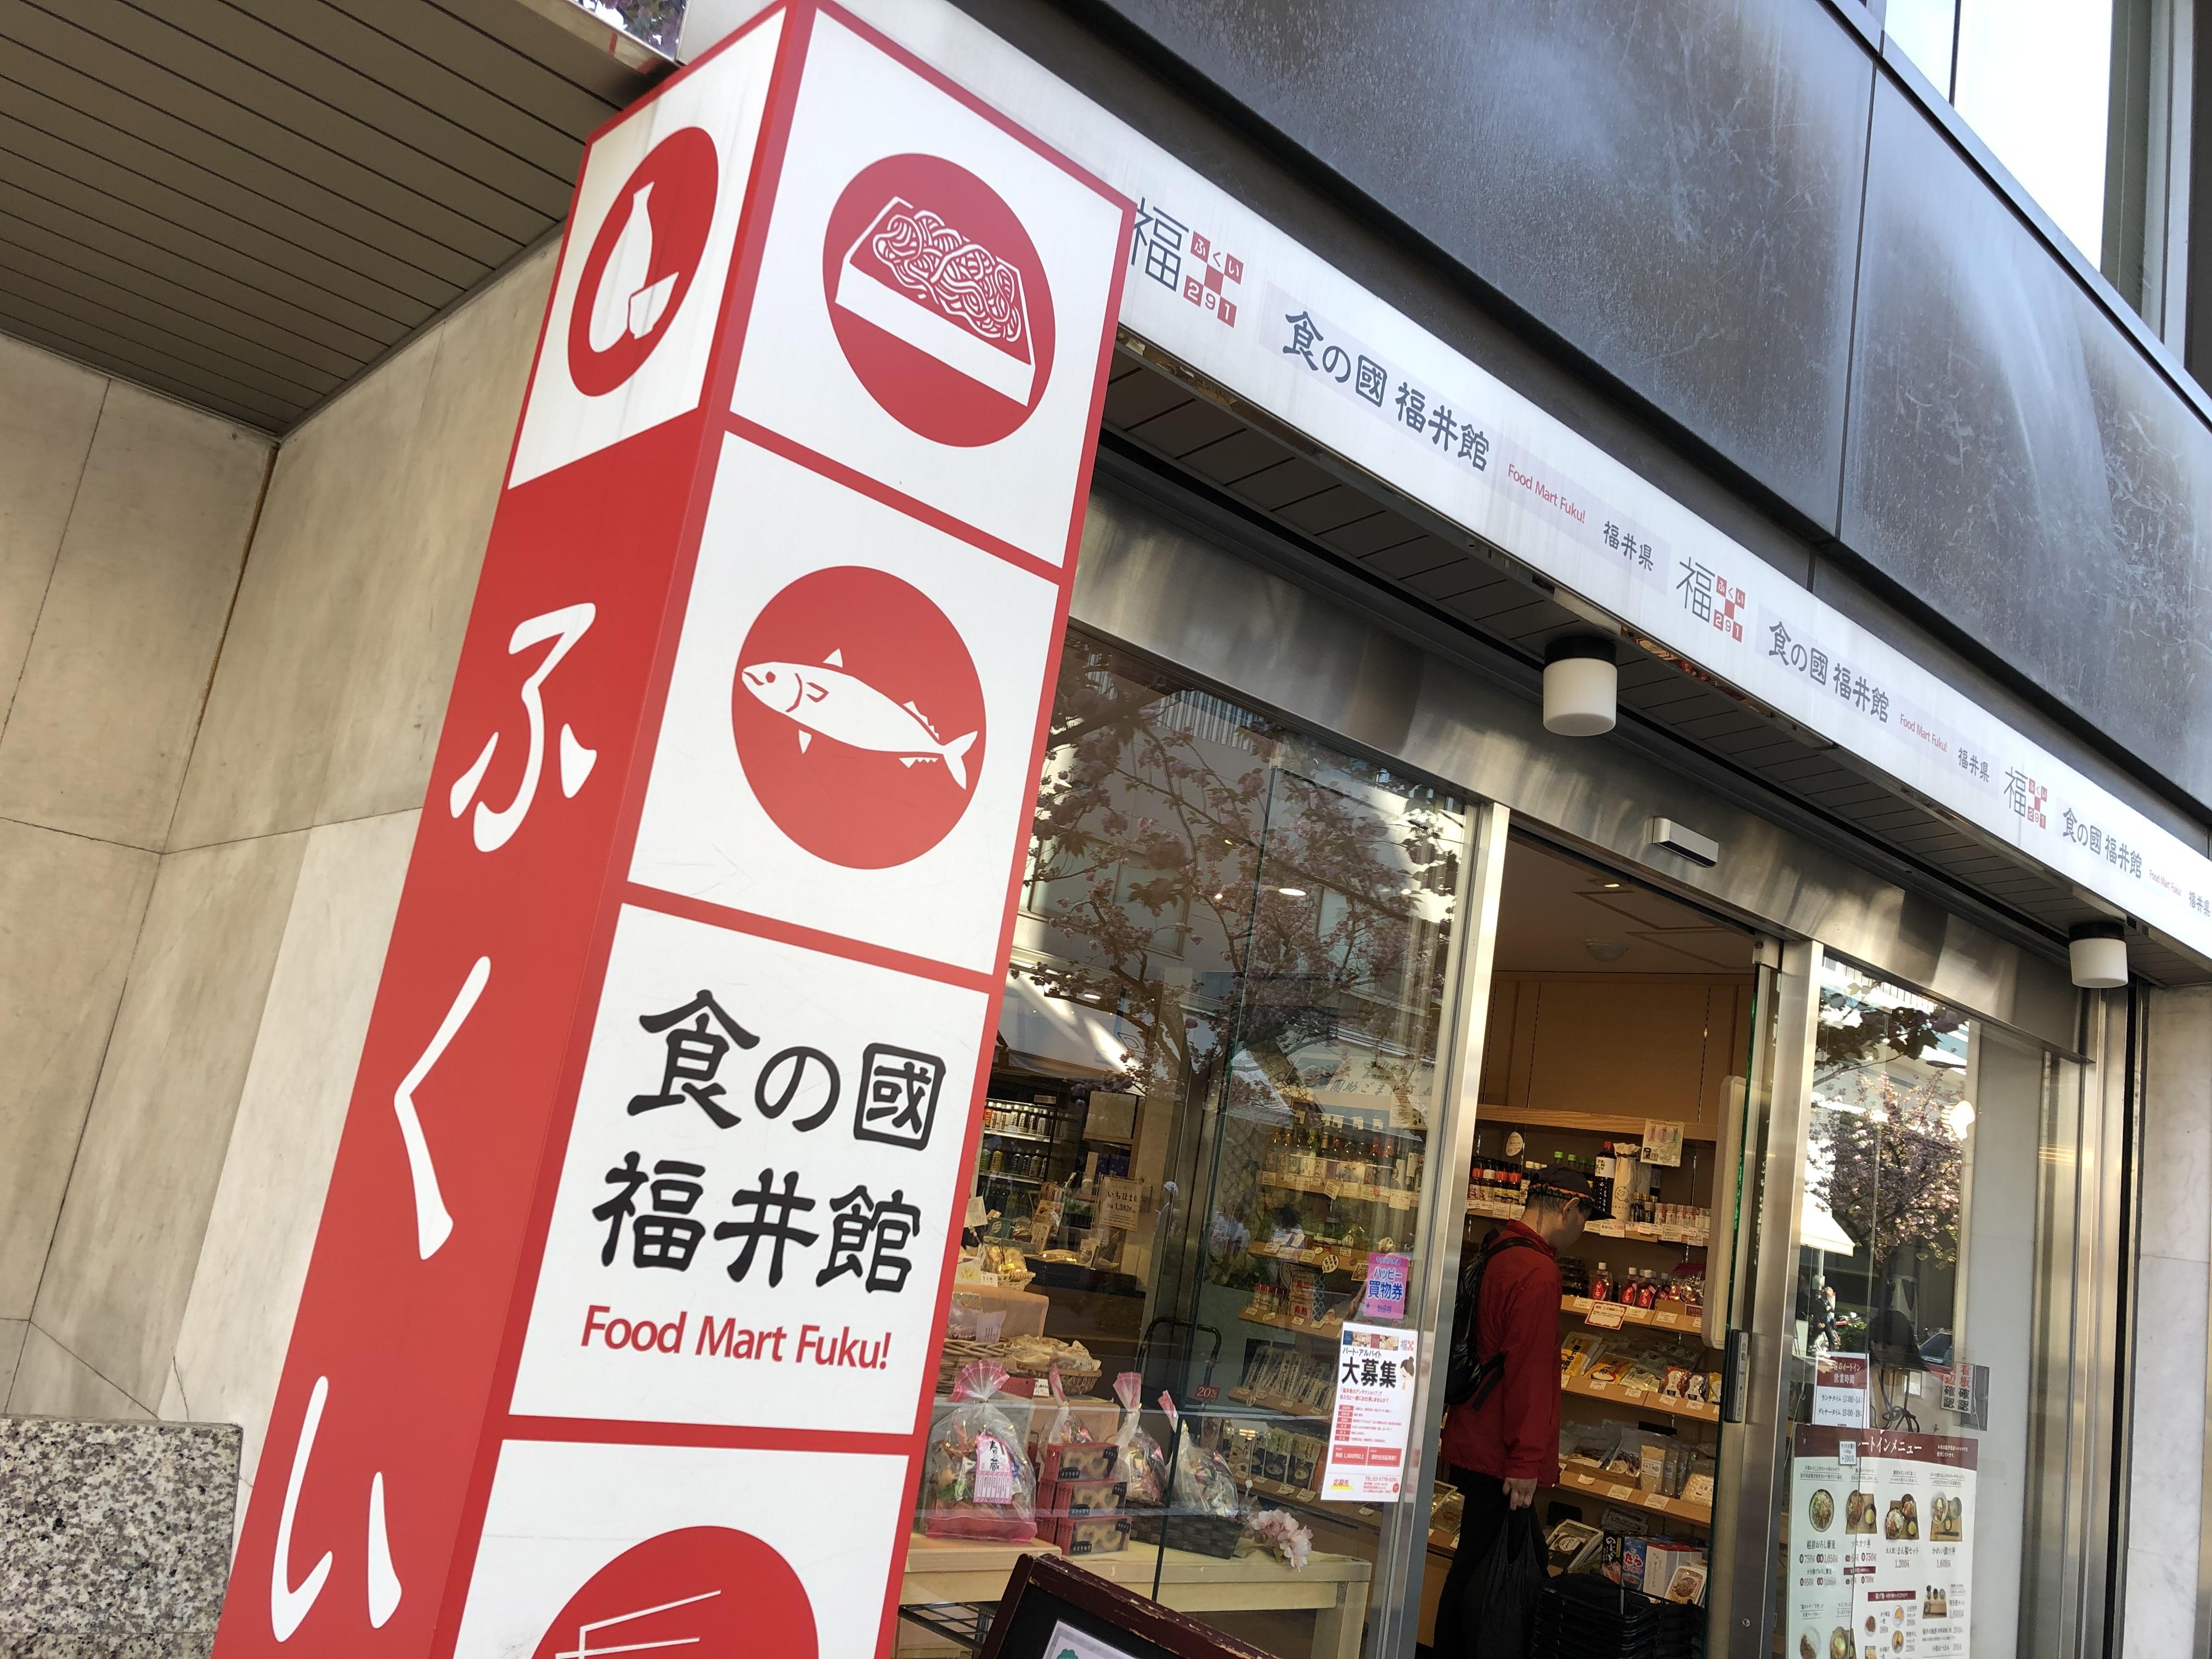 恐竜、へしこ、けんけら?福井の魅力たっぷり「食の國 福井館」